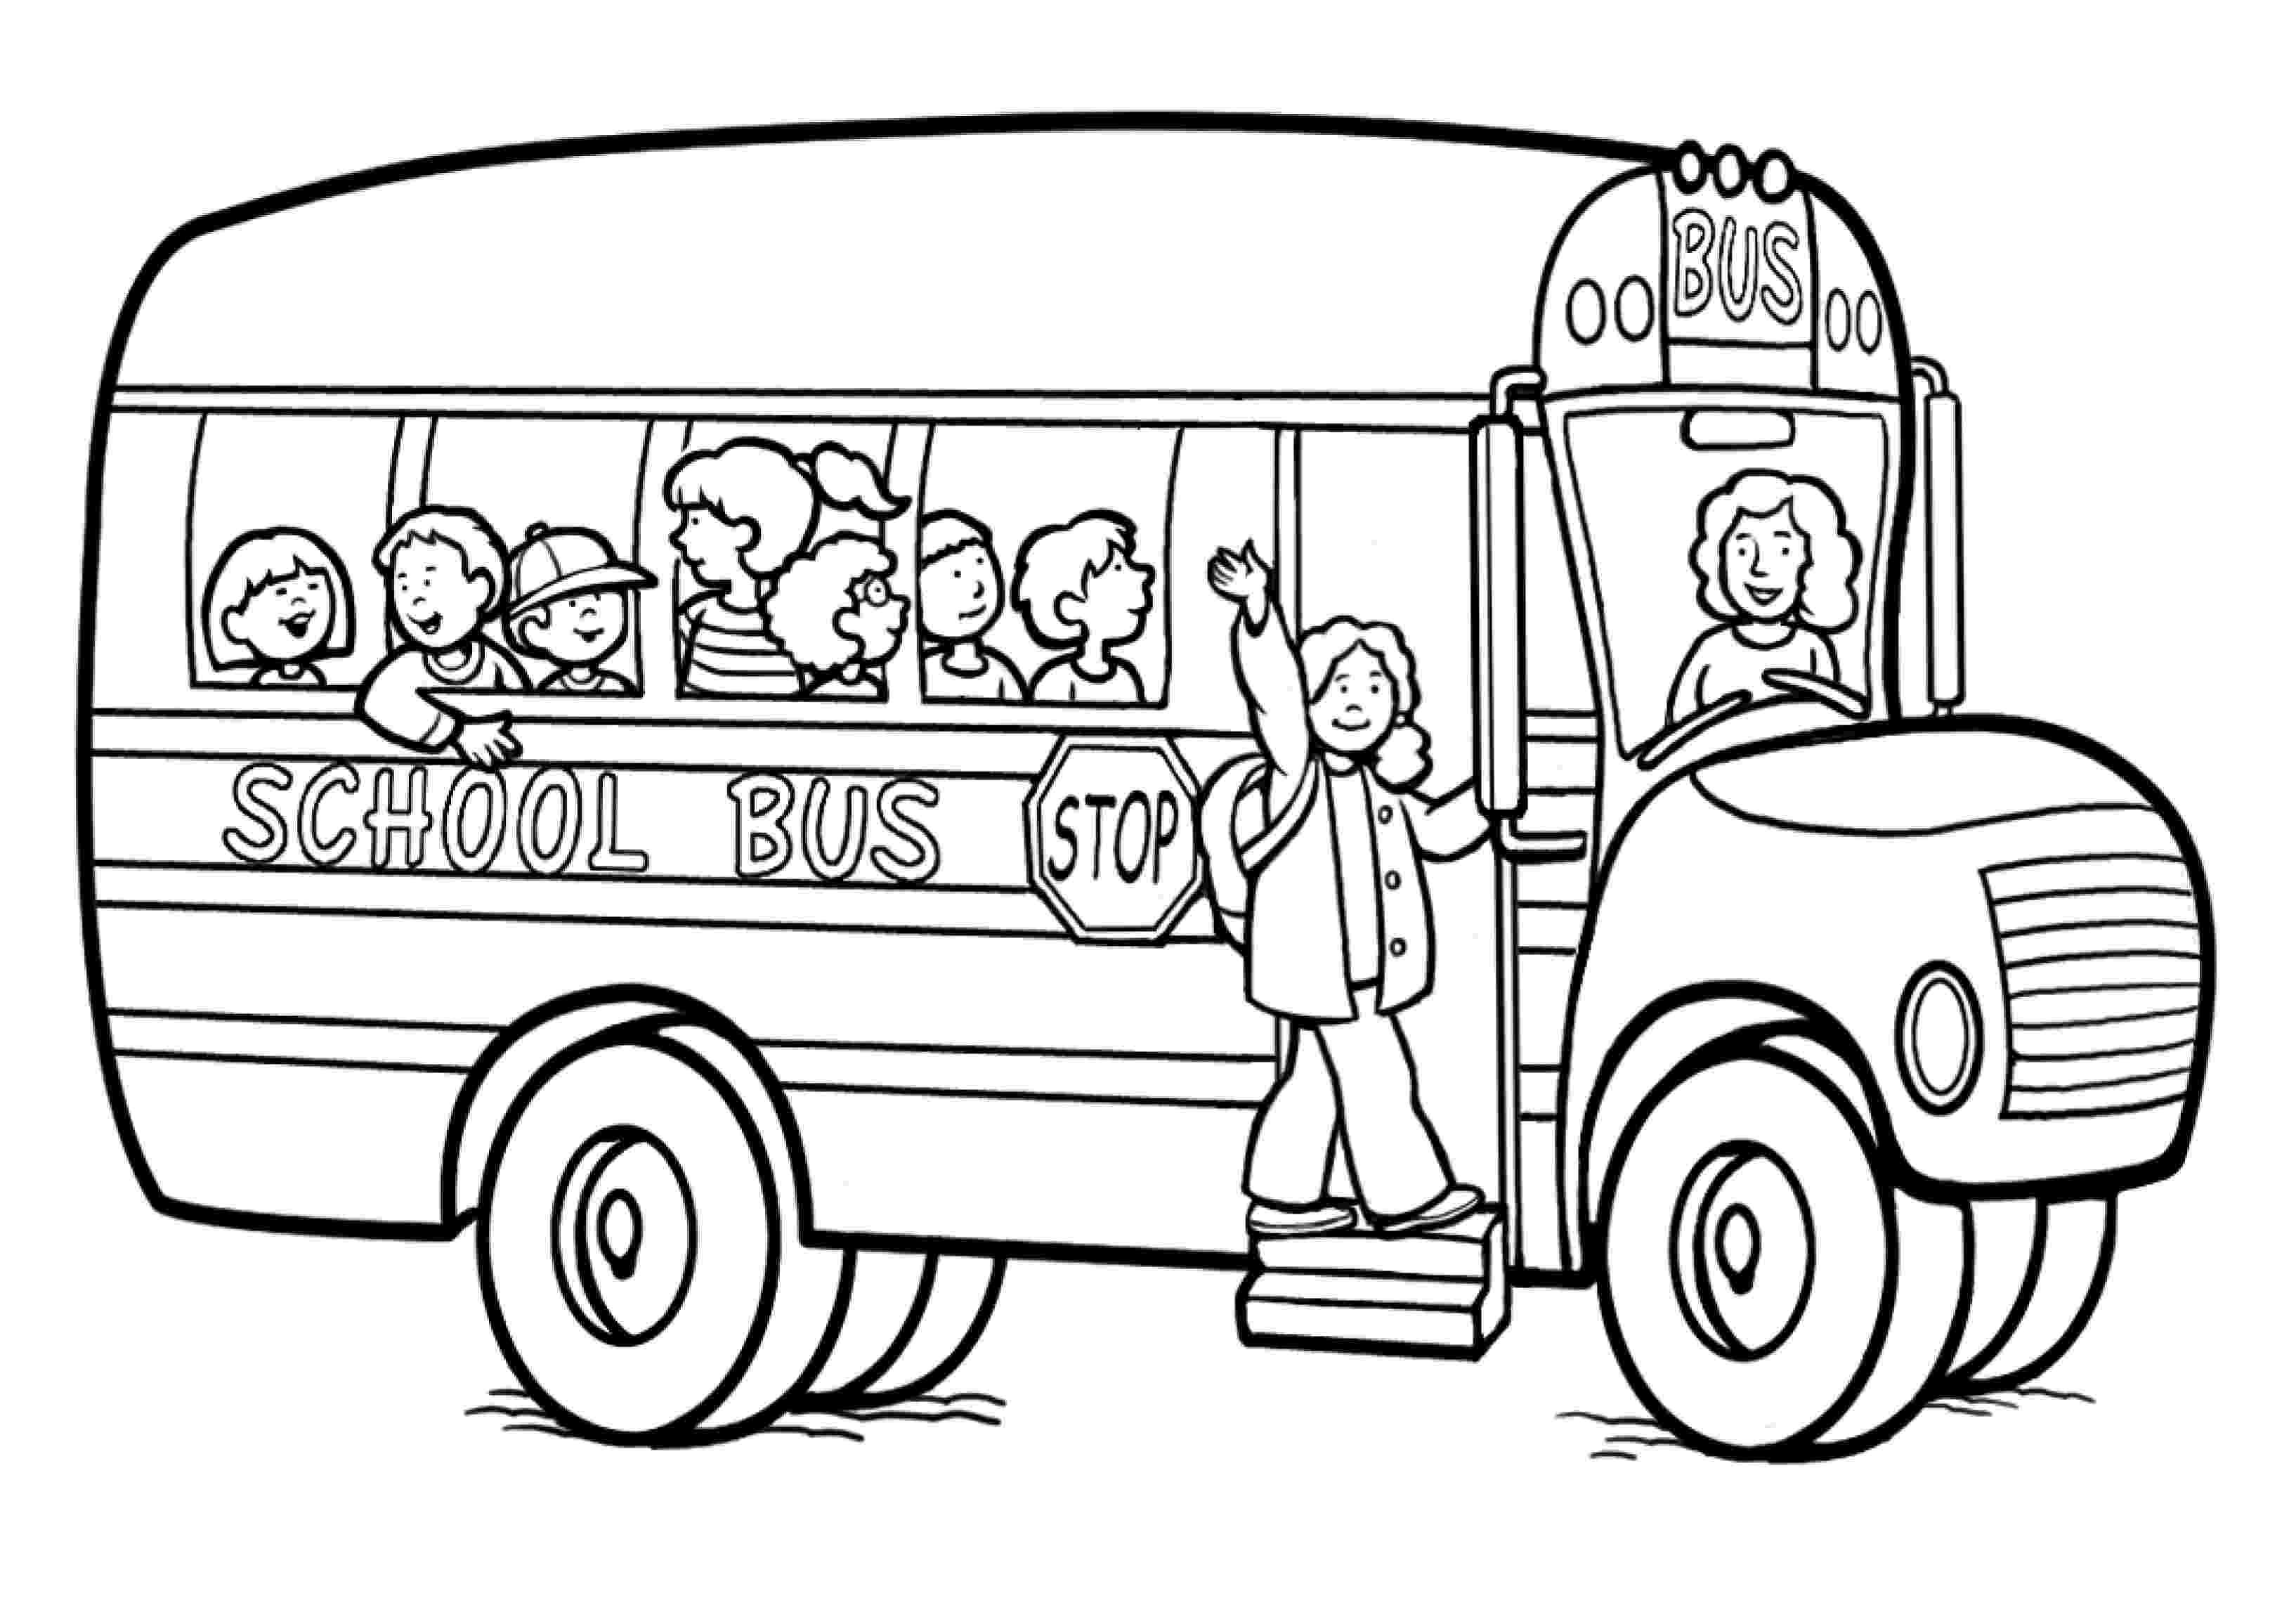 coloring pages of school bus printable school bus coloring page for kids cool2bkids bus of pages coloring school